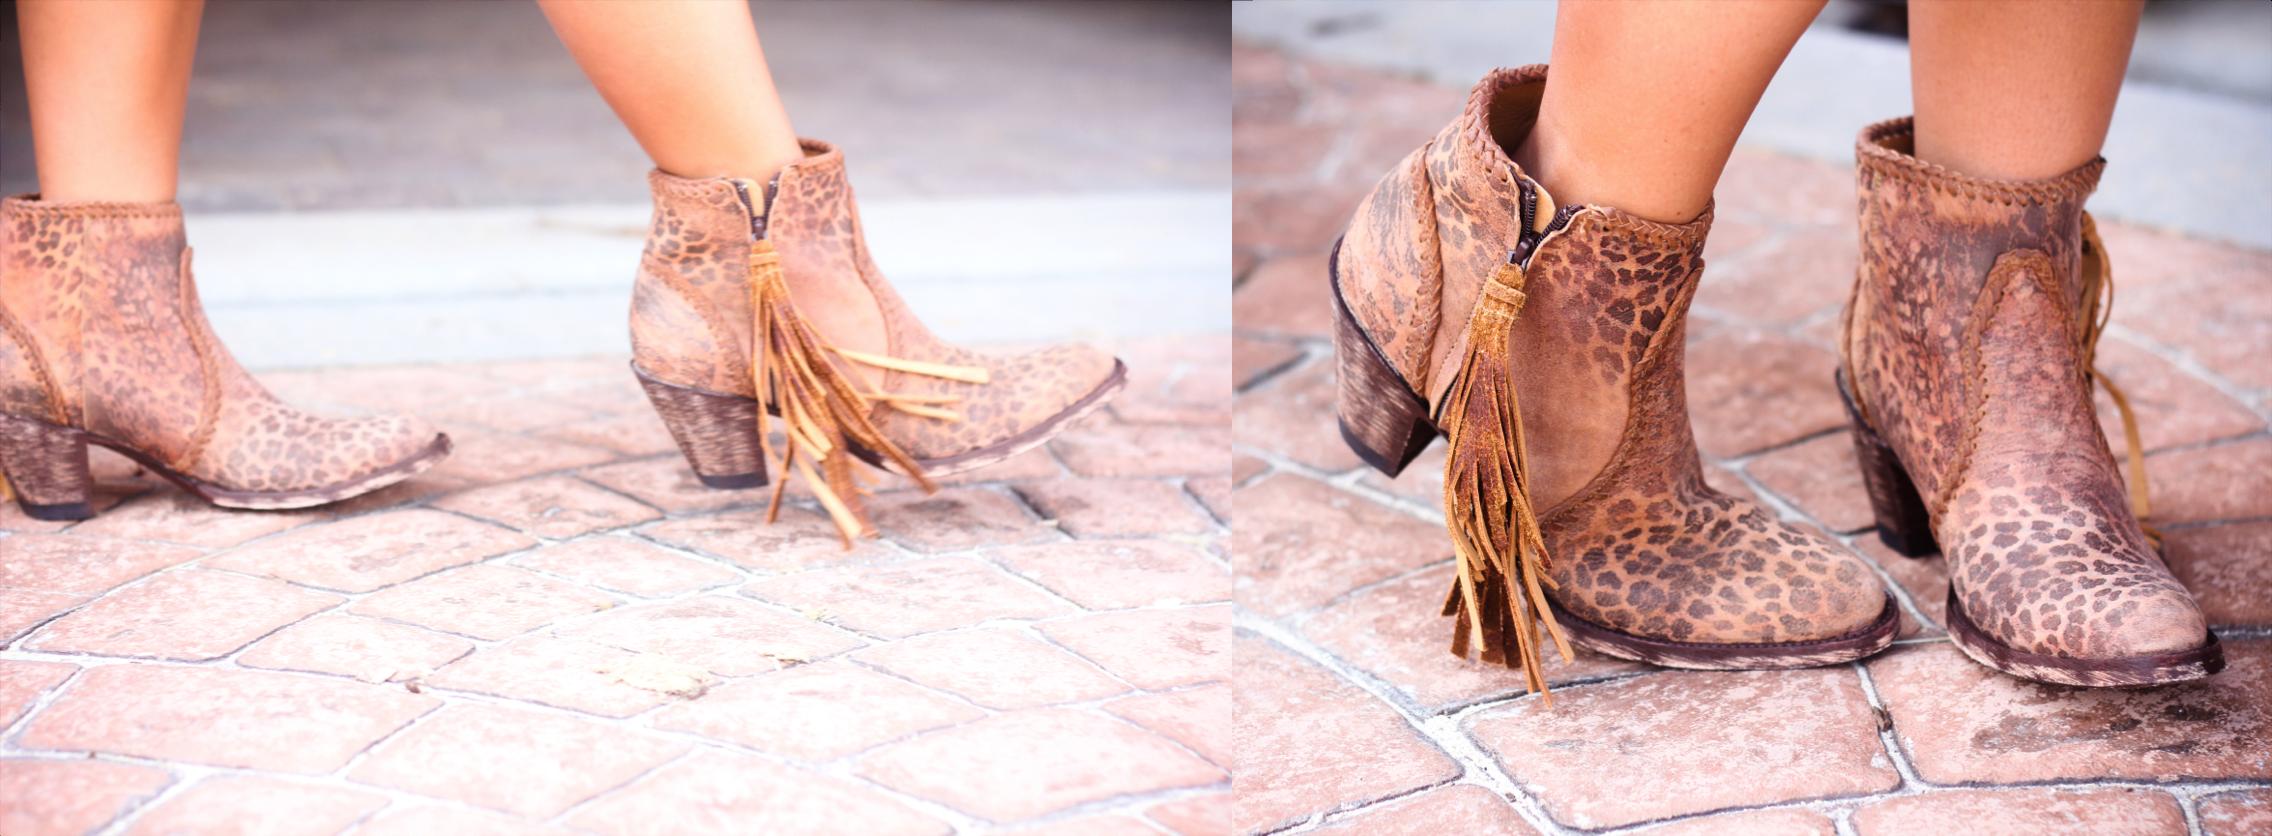 Old Gringo Adela Boots BL1116-13